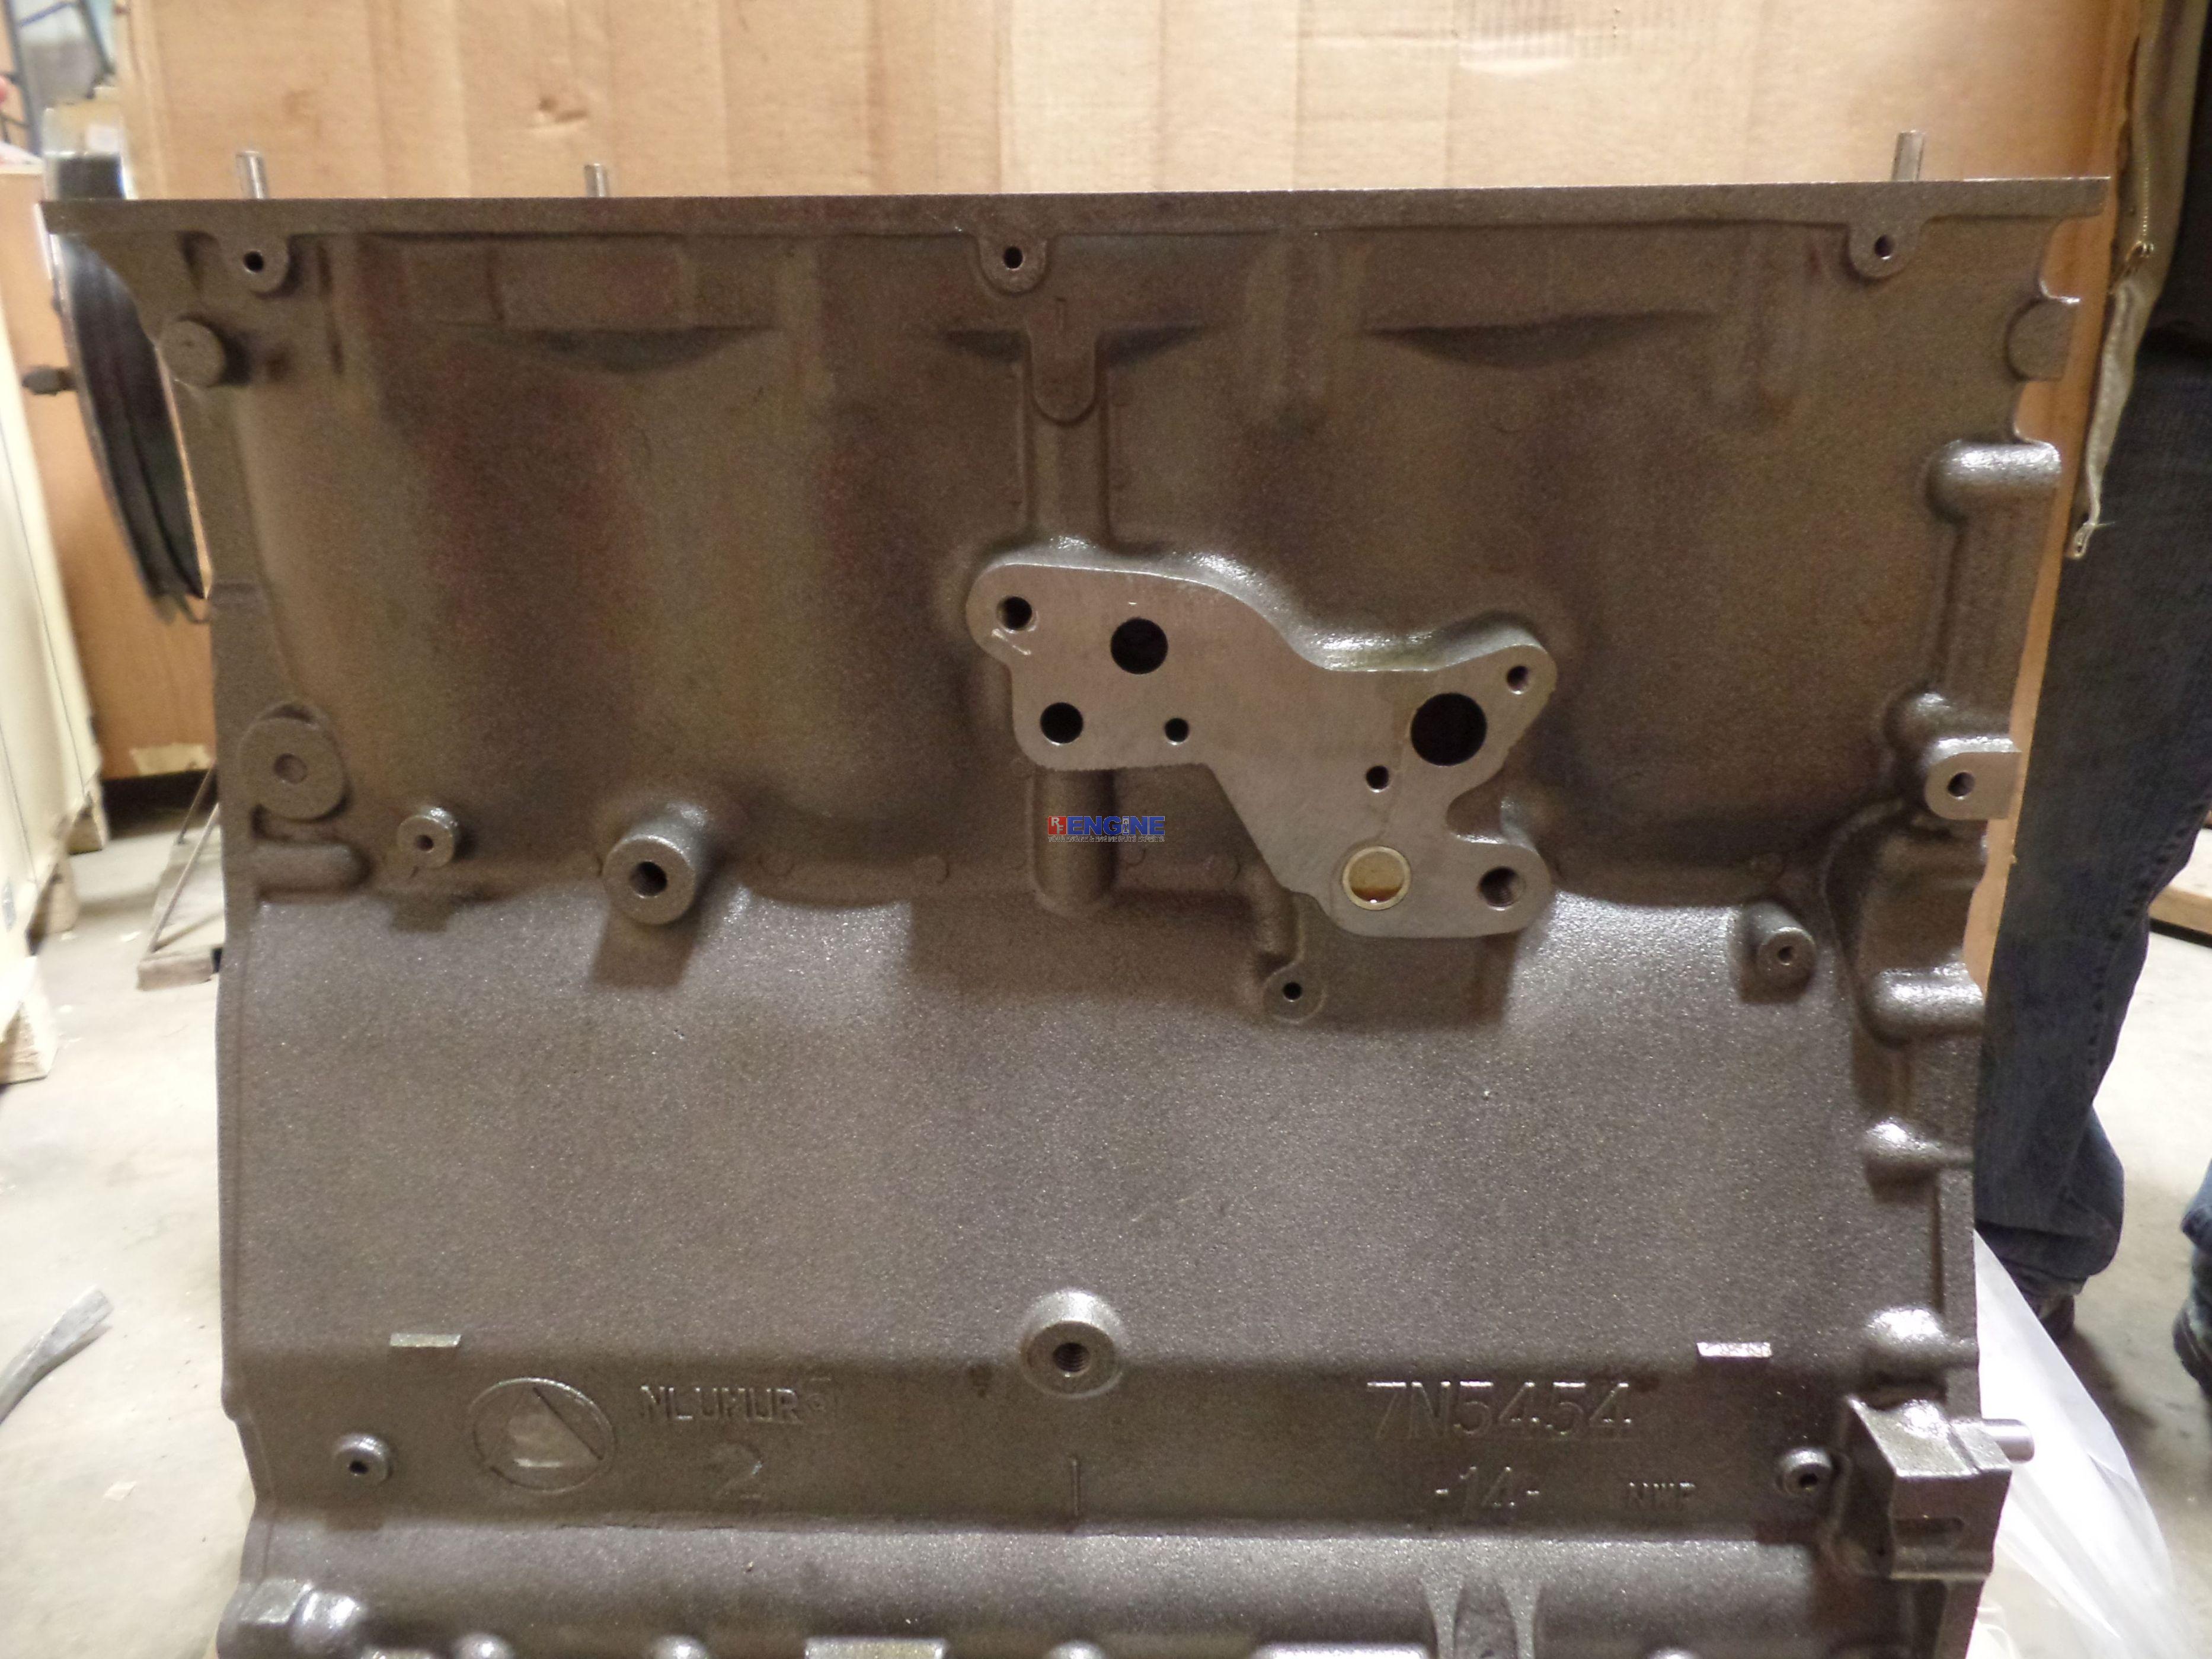 3 of 6 Fits Caterpillar CT 3304 Engine Block New 6N7984, 1N3574, 6N8000,  7N5454, 7N6552